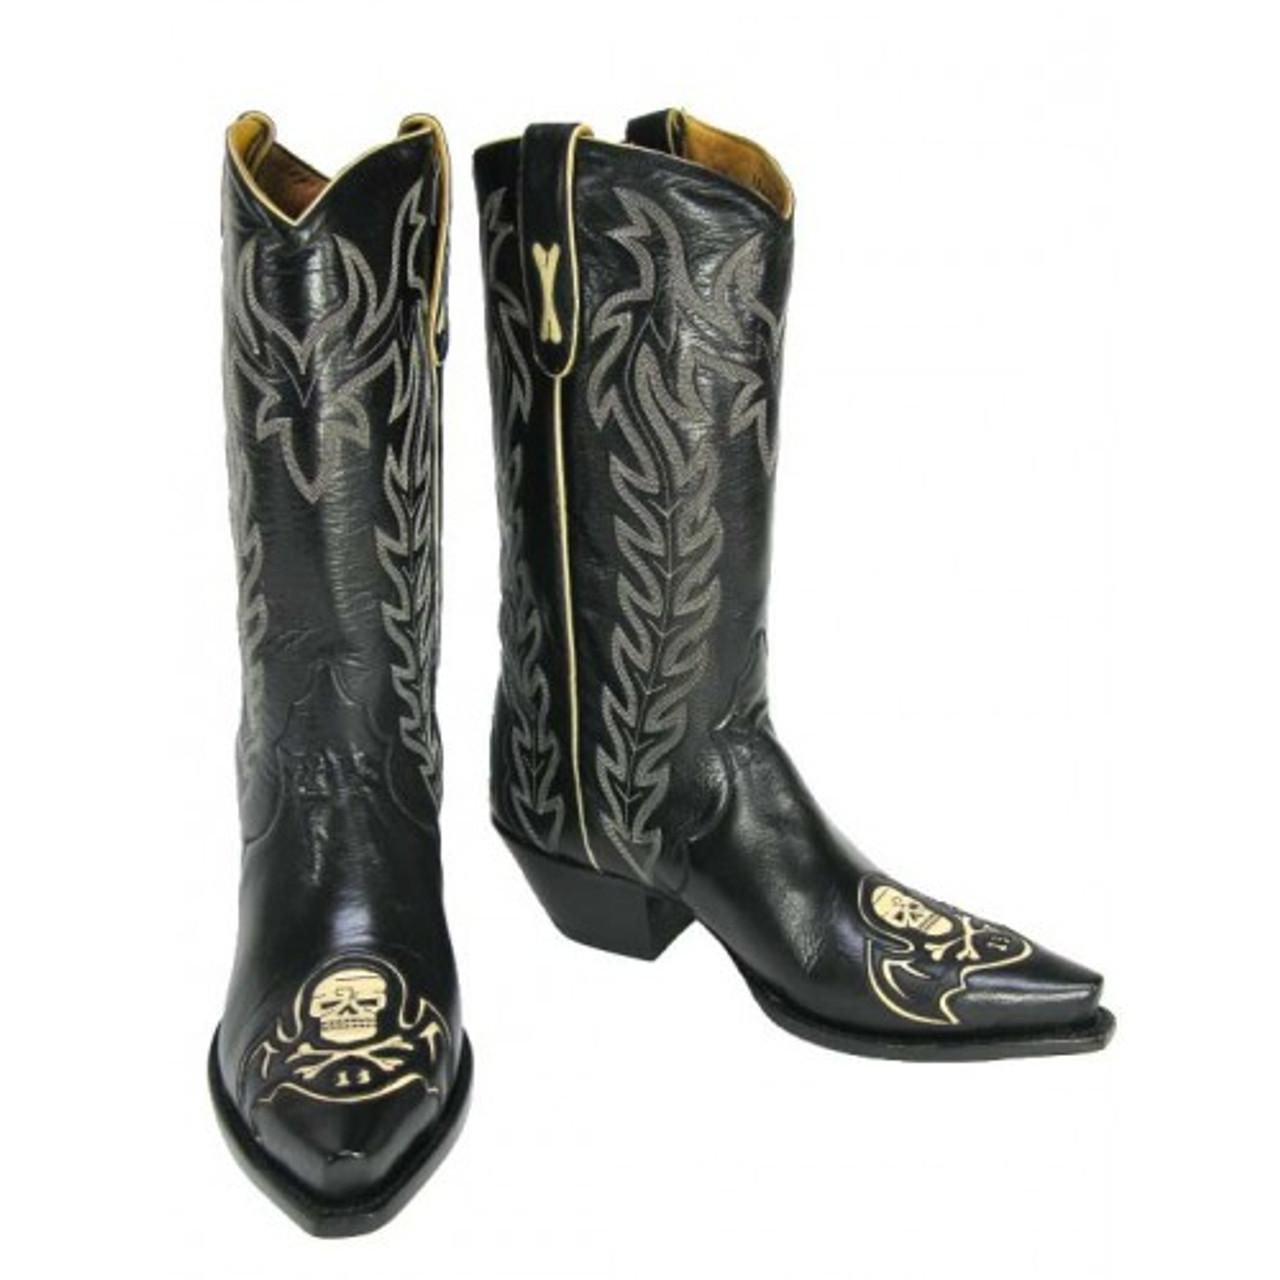 7ba48eb79f0 Liberty Men's Boots - Killaz